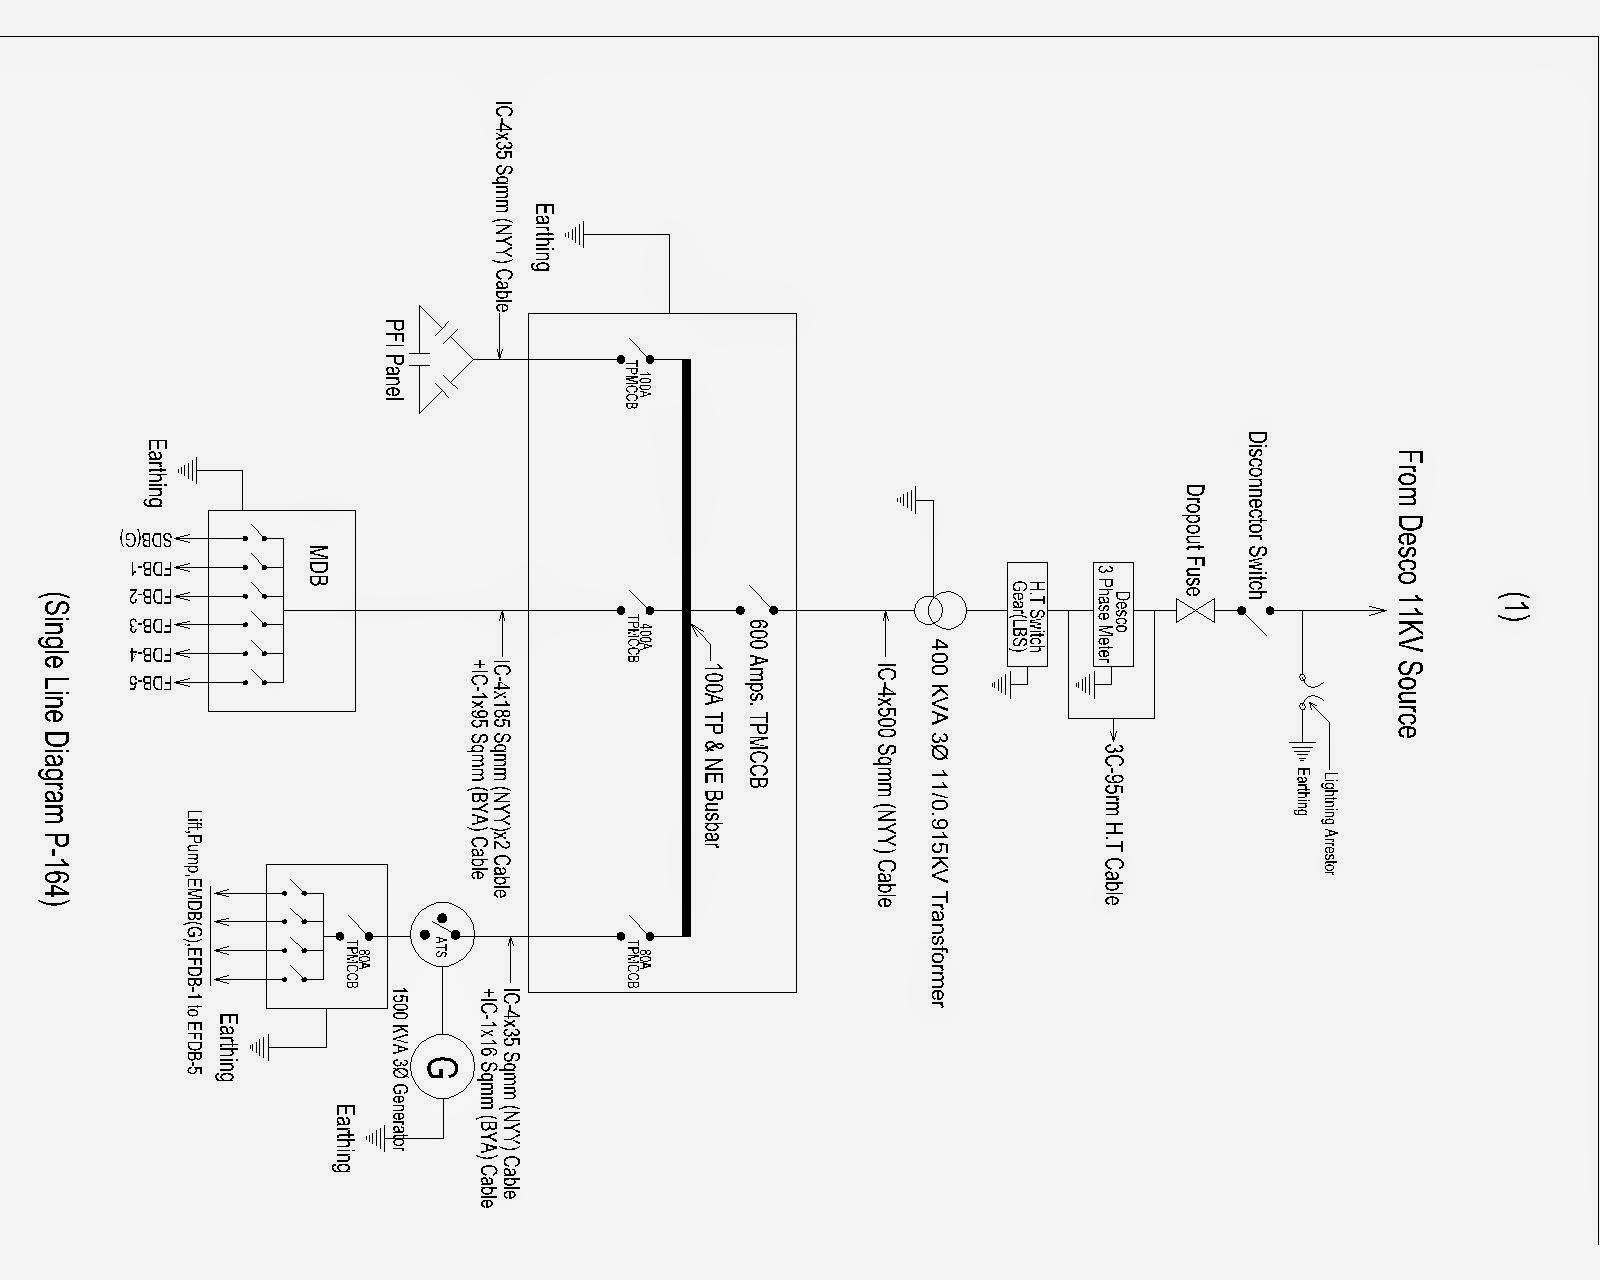 medium resolution of penerangan gambar single line wiring diagram free vehicle wiring 3 phase convection oven wiring diagram 3